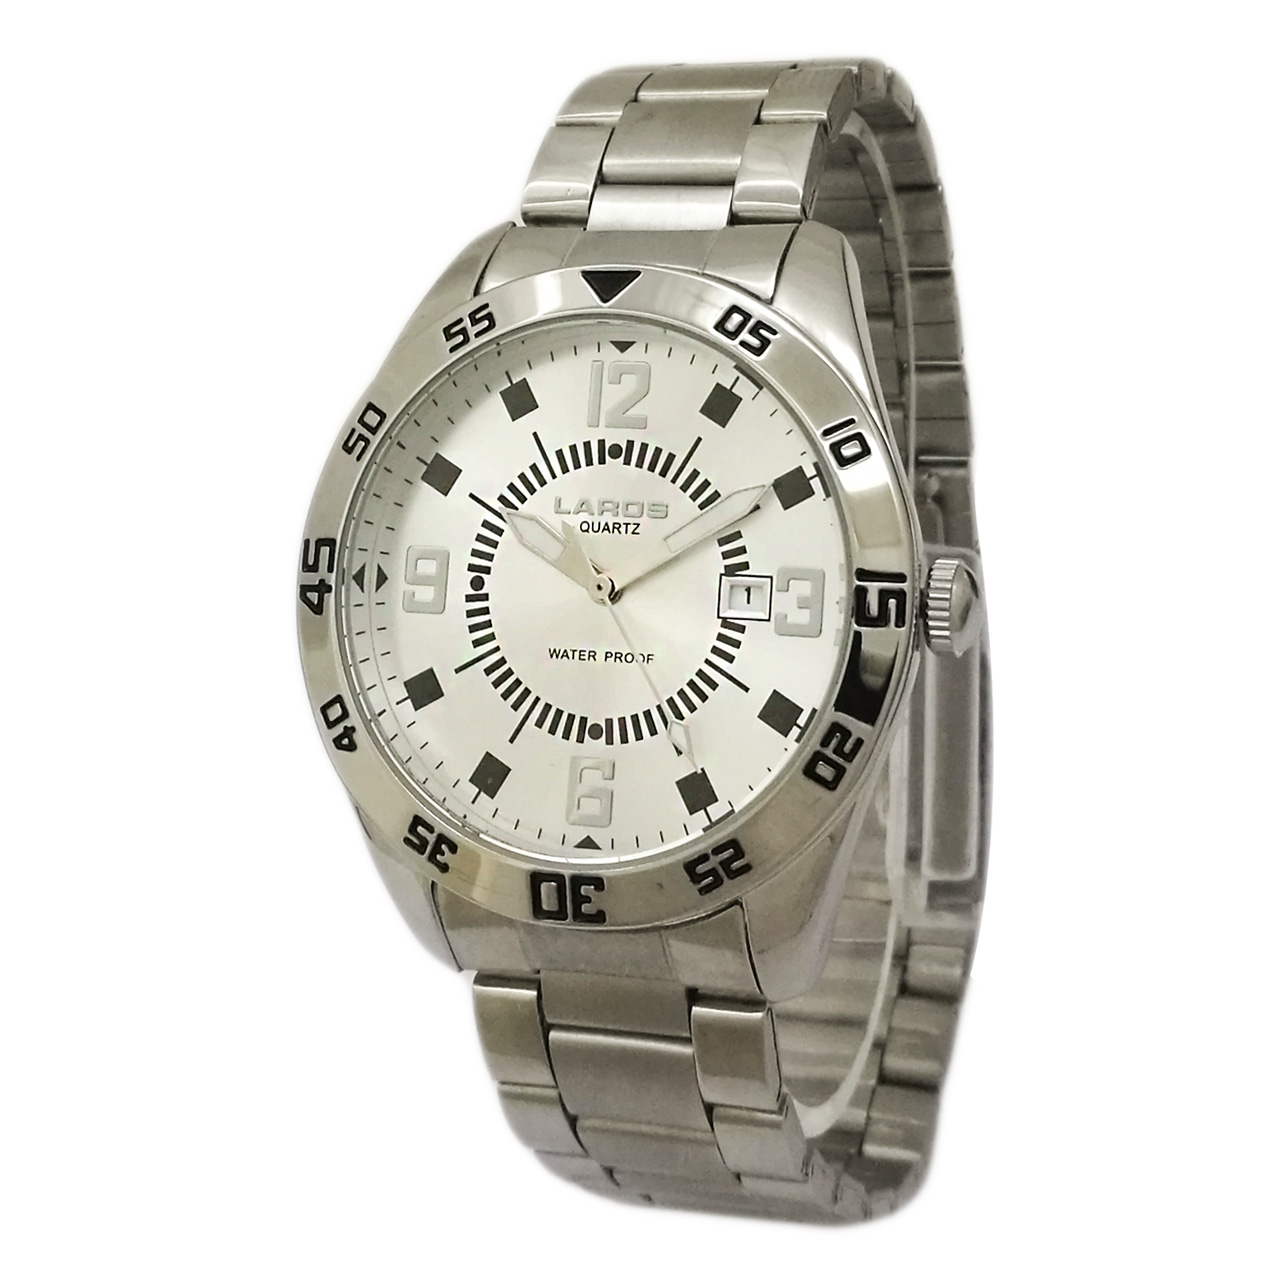 ساعت  لاروس مدل0517-79979-d